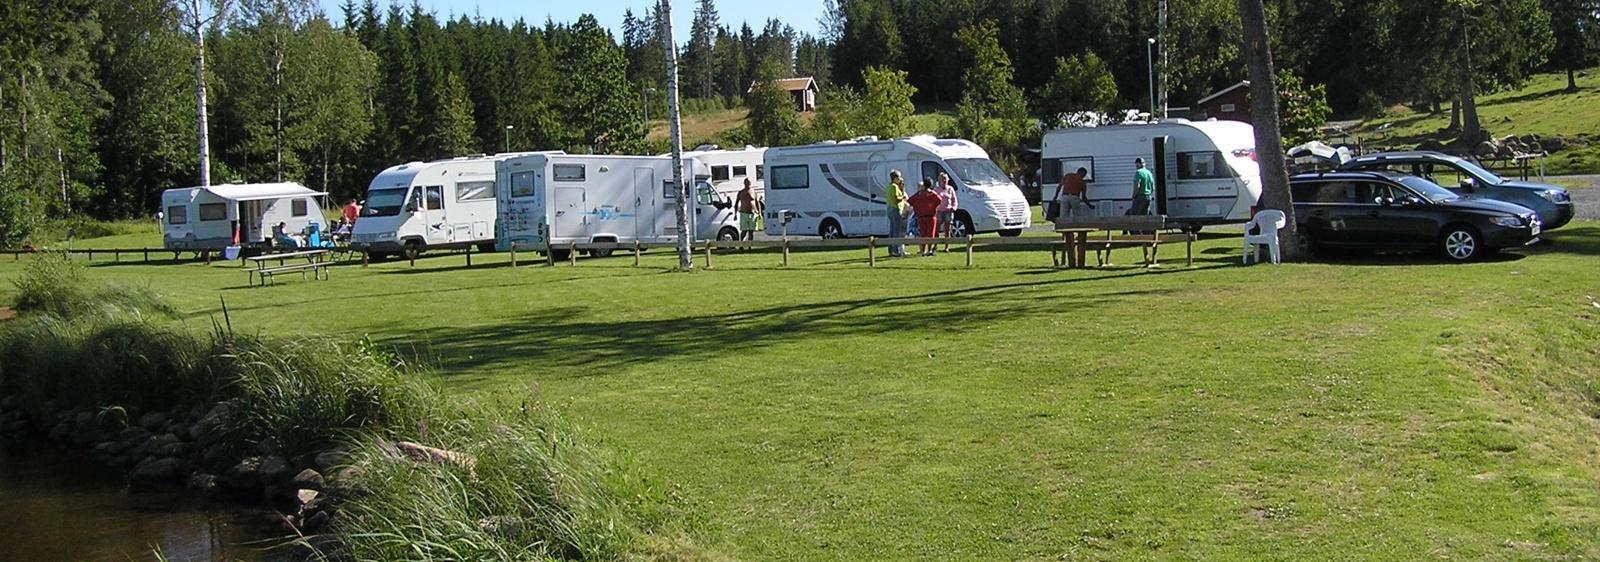 Mysiga campingplatser i Småland